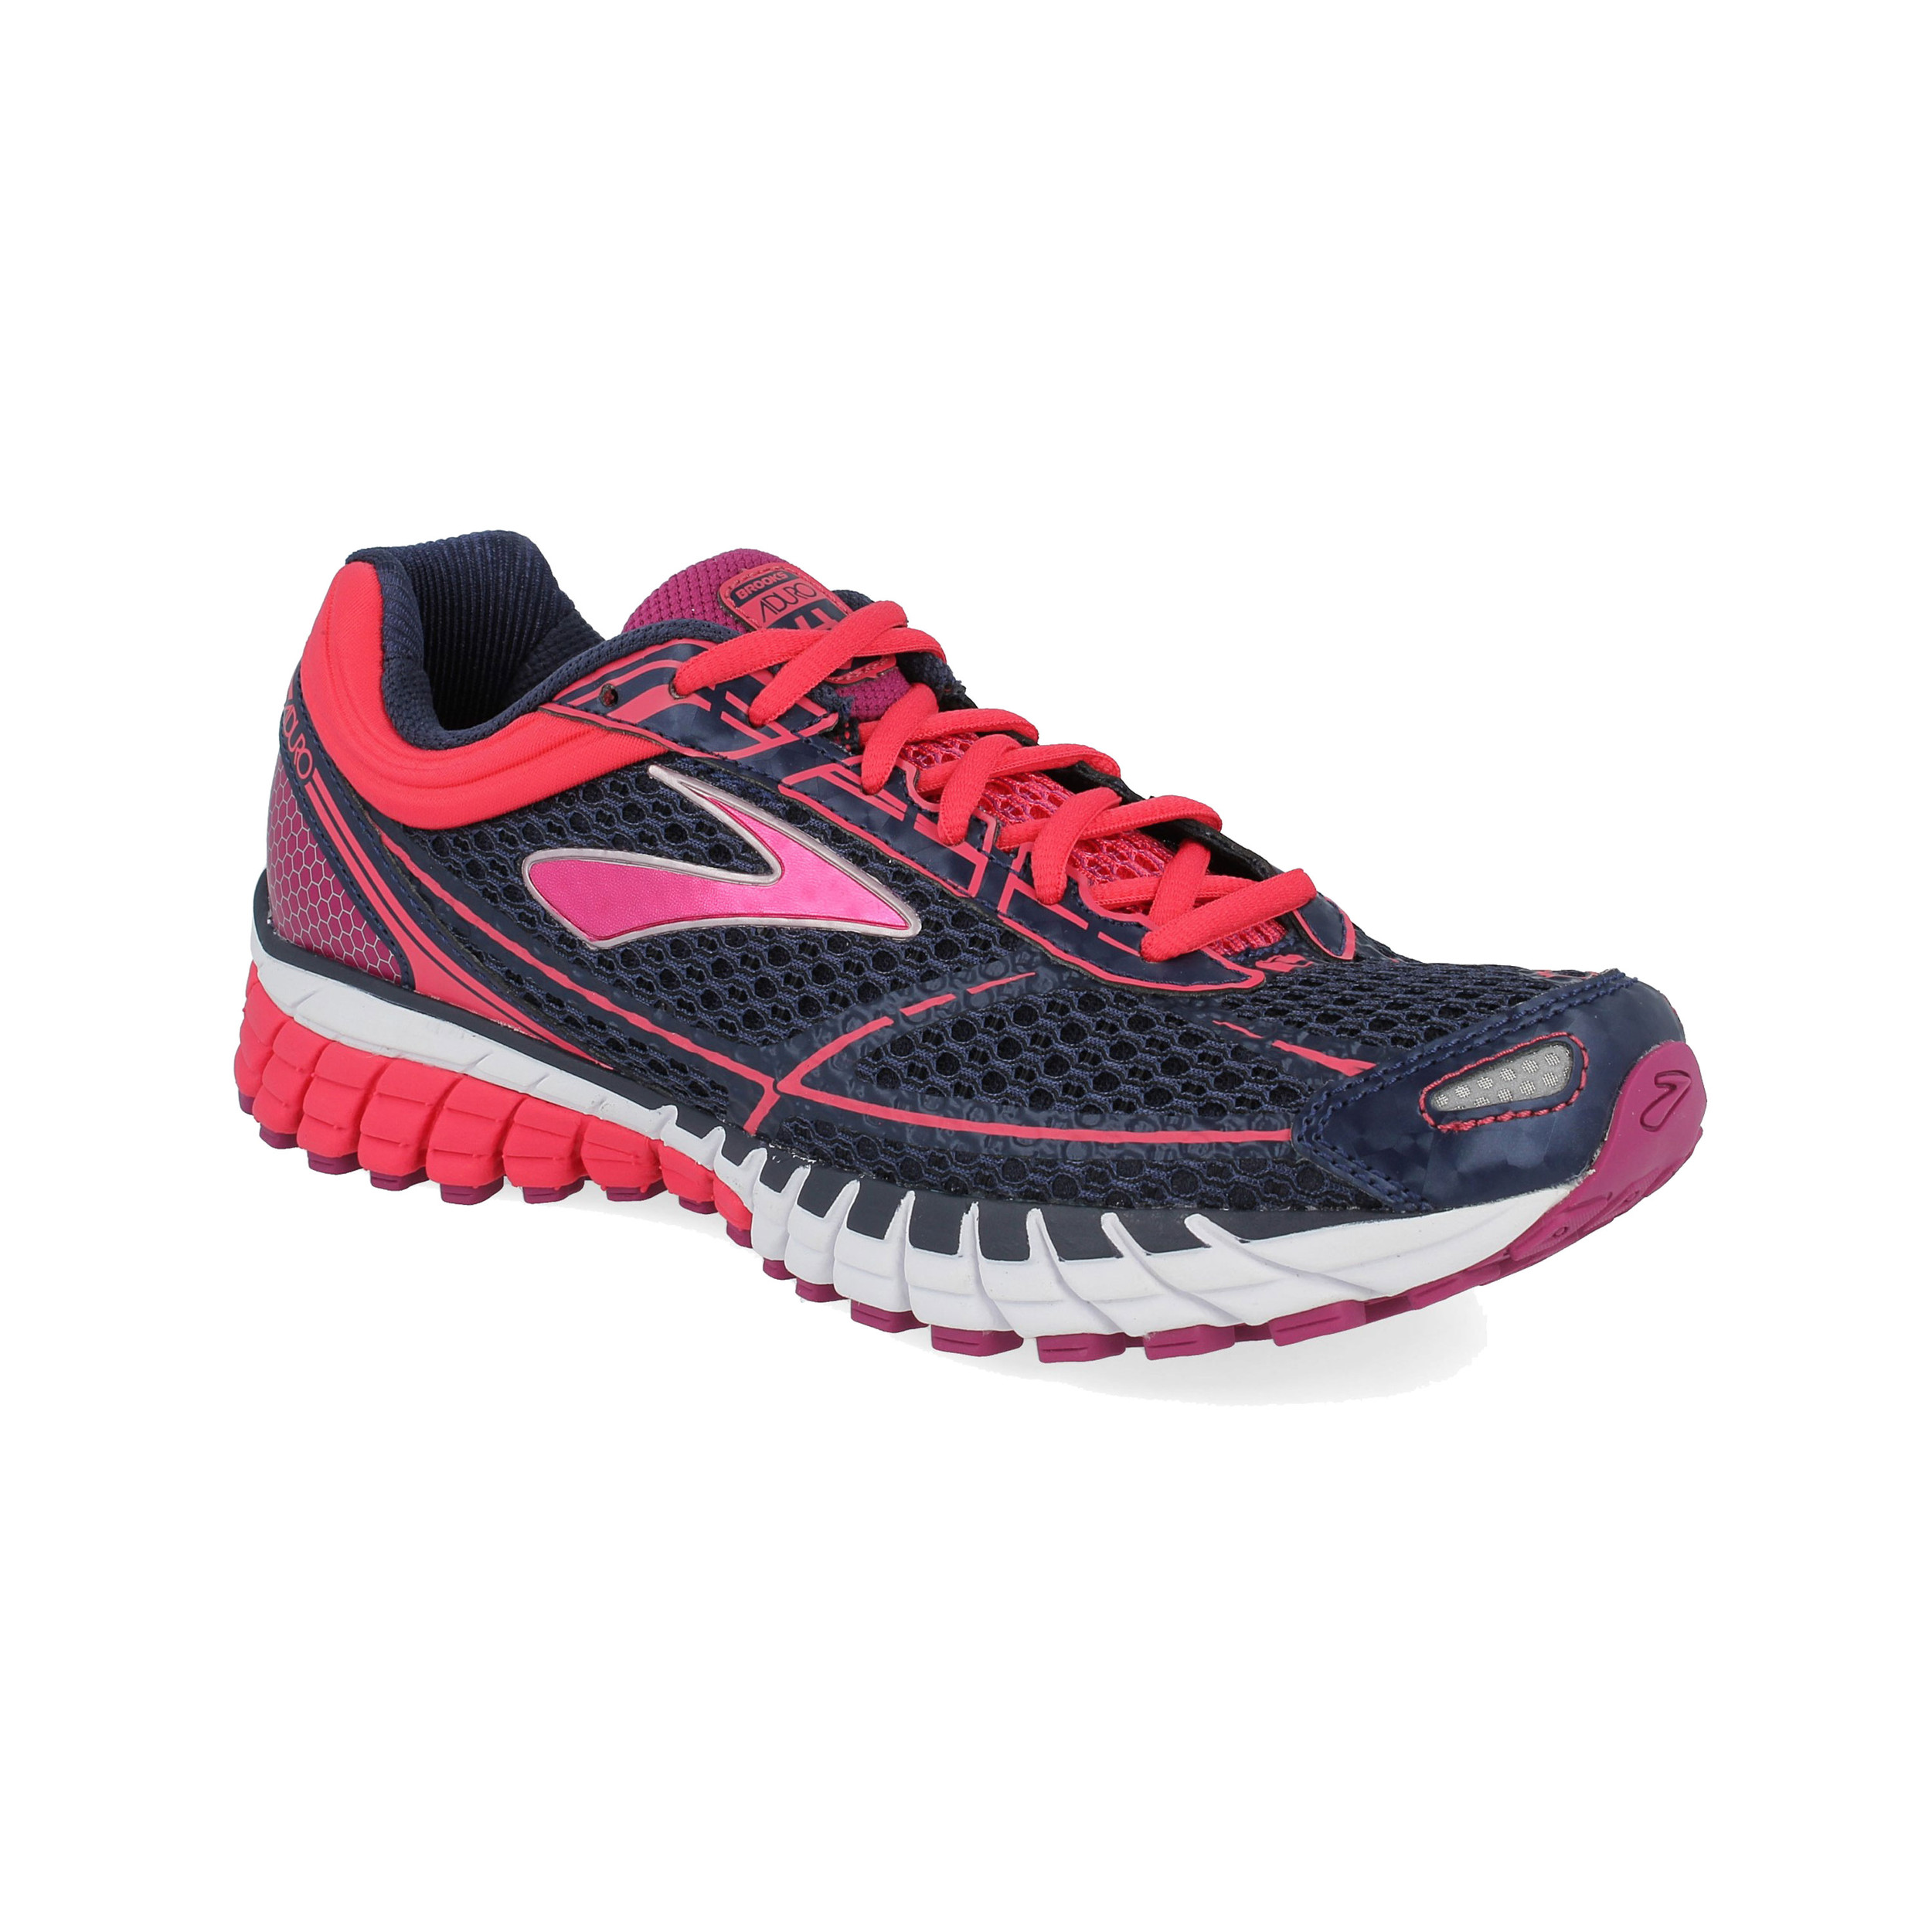 9d58f43a45 Brooks Damen Aduro 4 Jogging Schuhe Turnschuhe Laufschuhe Sneaker Blau Sport